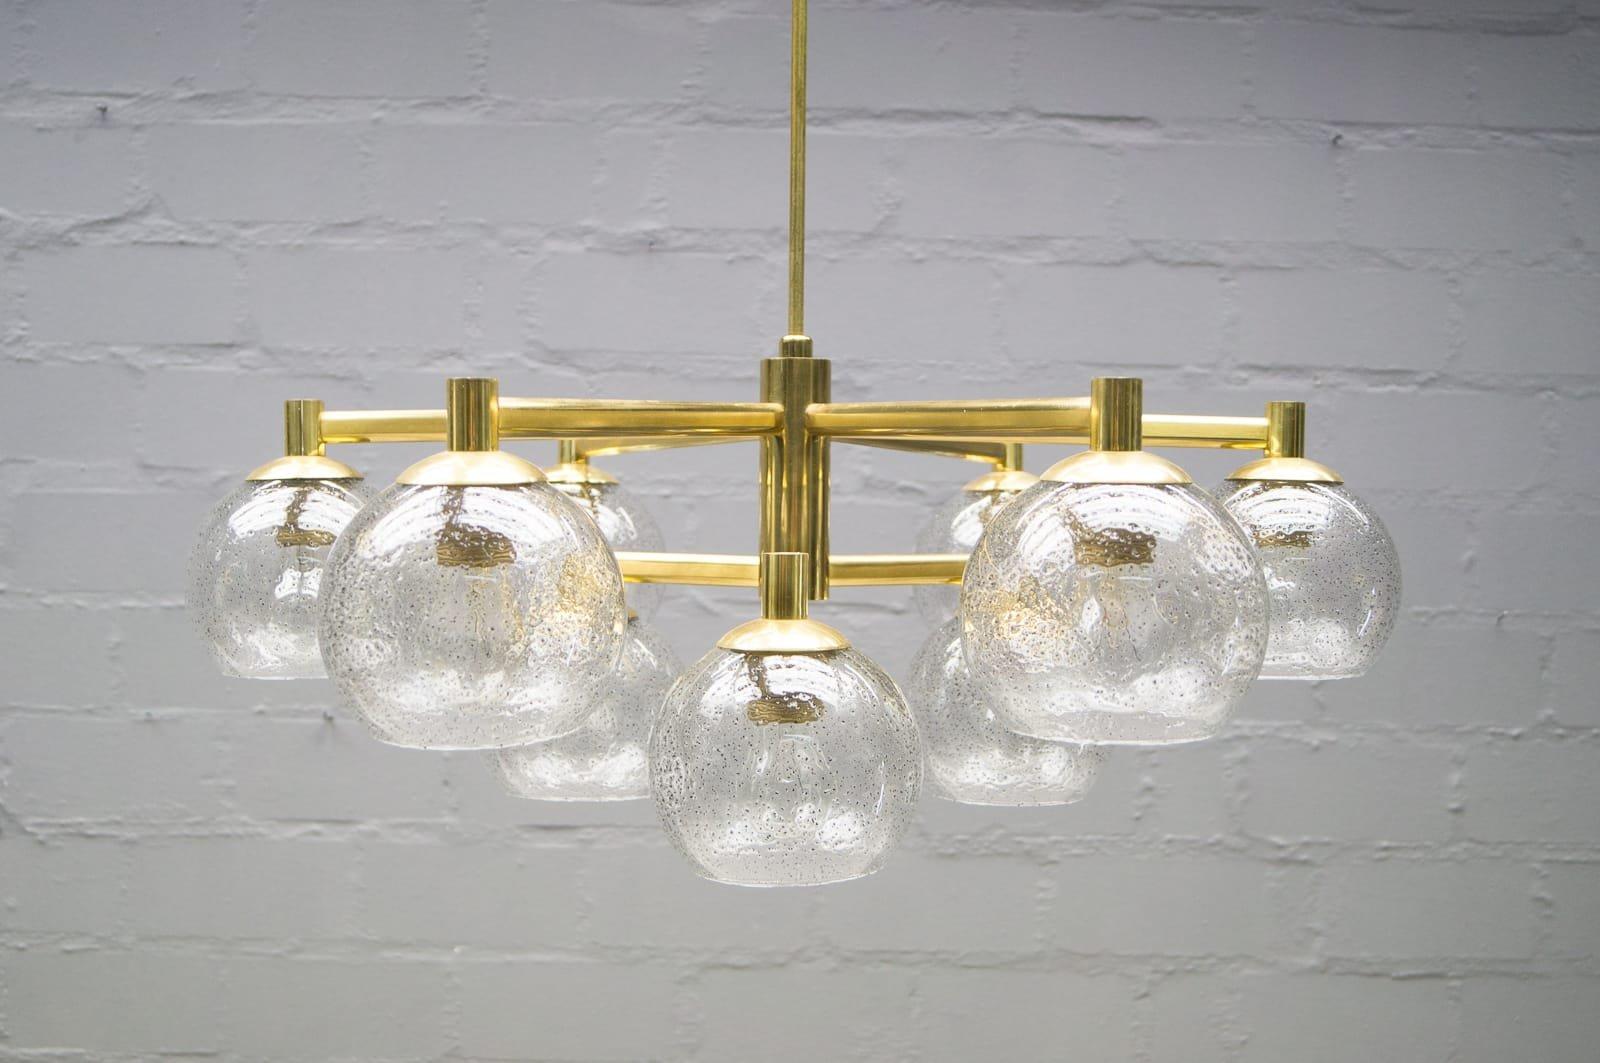 Lampadario Con Sfere Di Cristallo.Lampadari Sfera Di Vetro Lampade A Sospensione In Vetro Soffiato